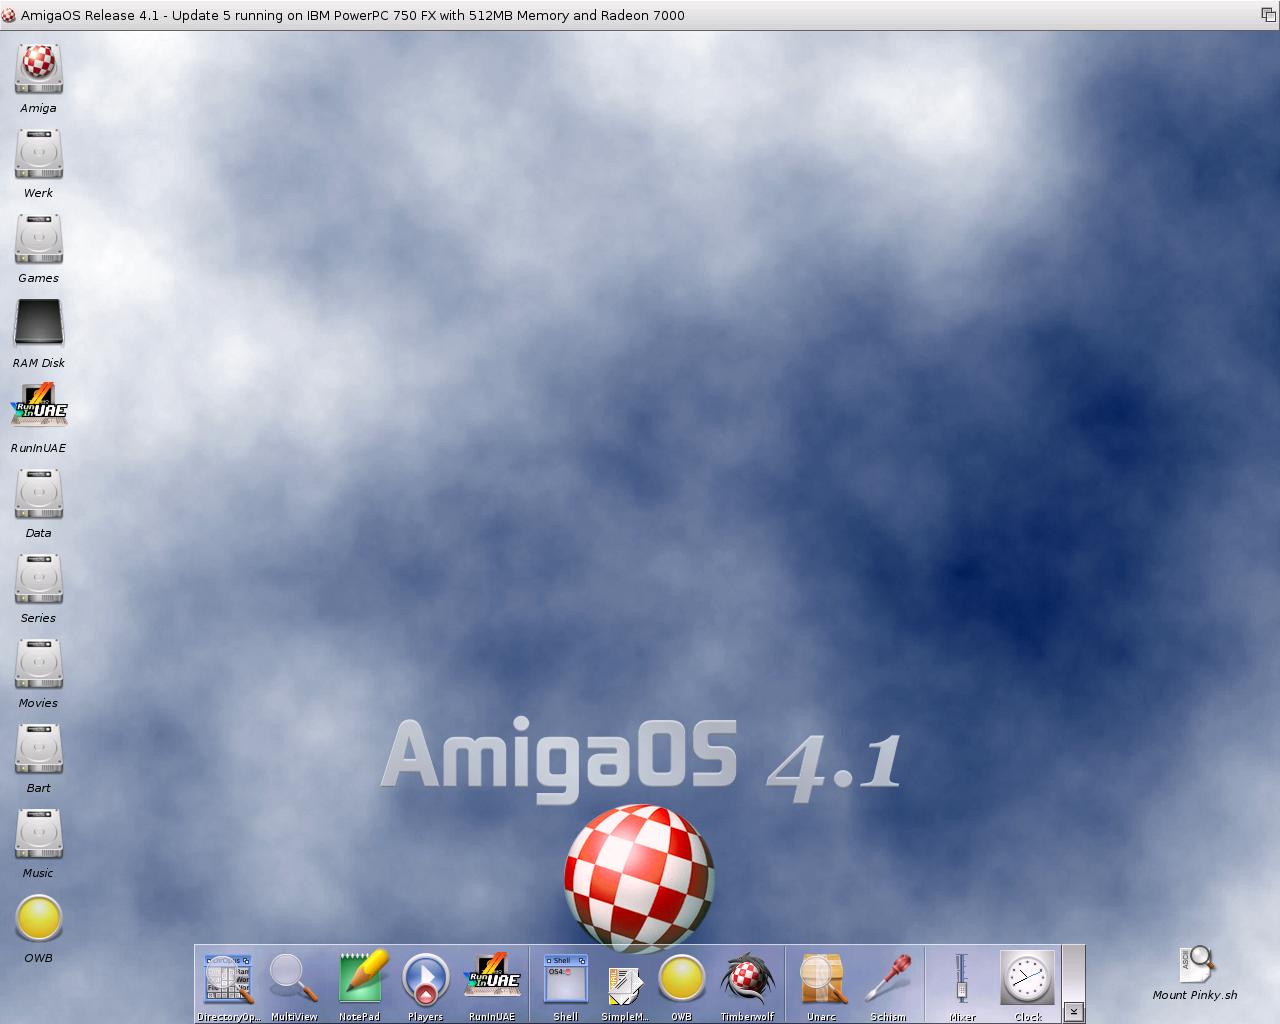 http://www.bartvandenakker.nl/amiga/AmigaOS4empty.png